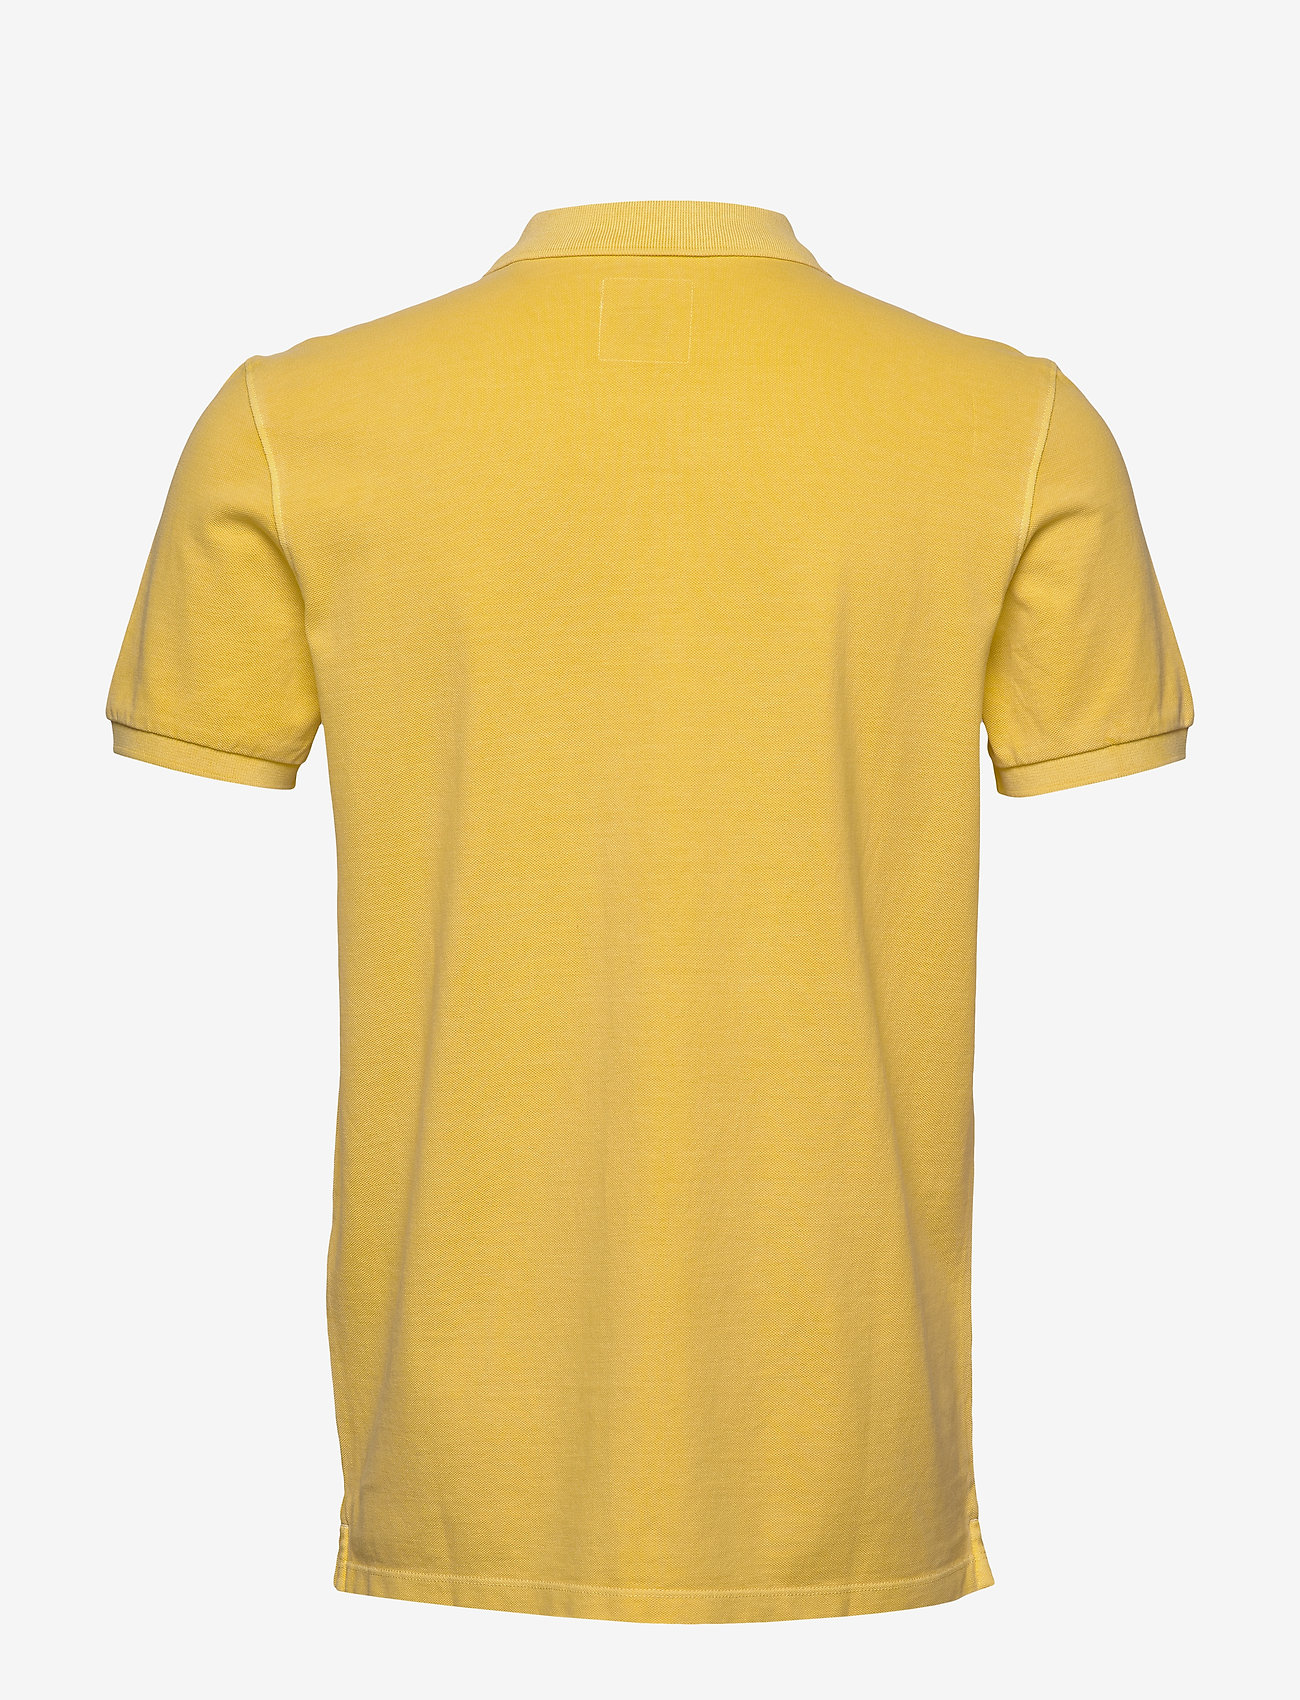 Marc O'Polo - Polo - polos à manches courtes - primose yellow - 1